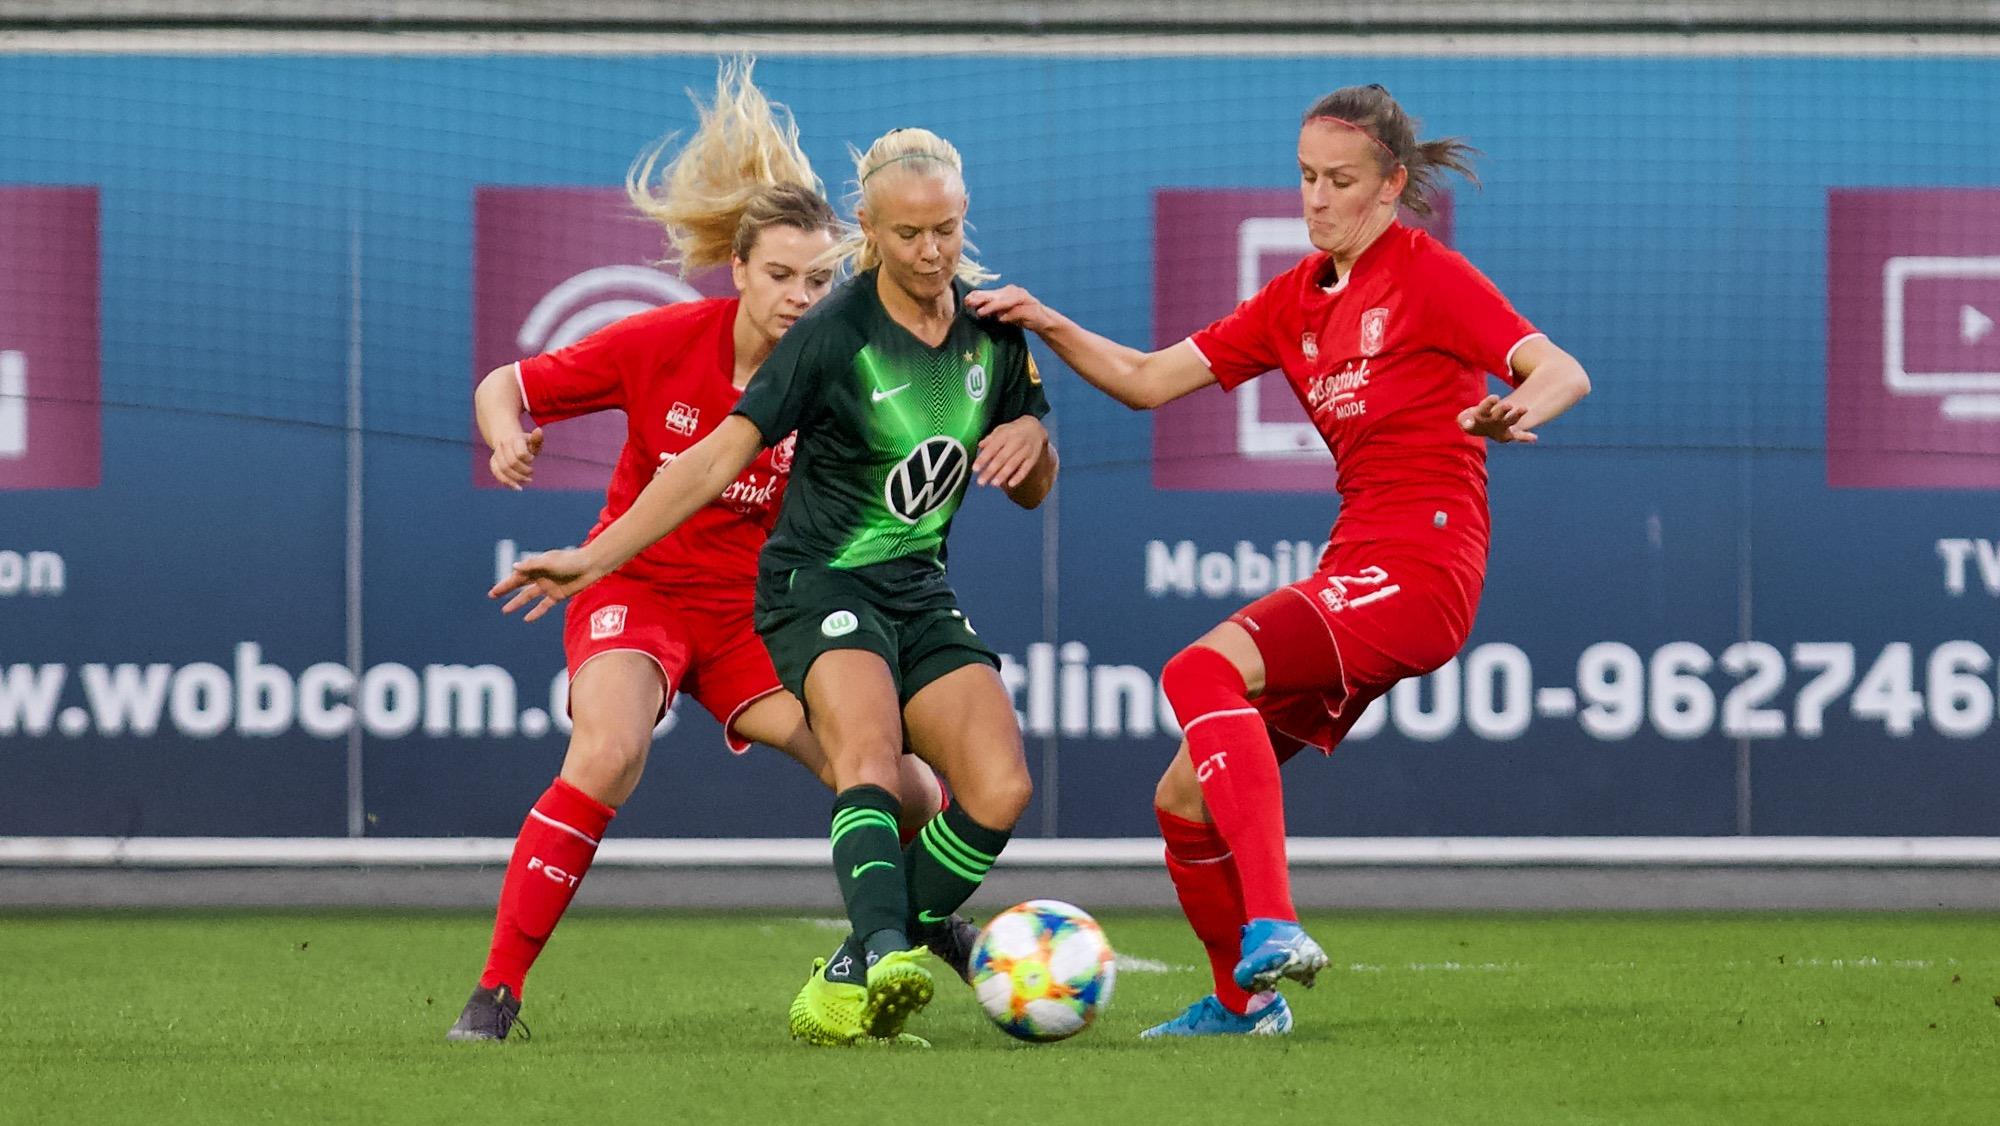 Zwaar verlies Twente Vrouwen bij en tegen Vfl Wolfsburg